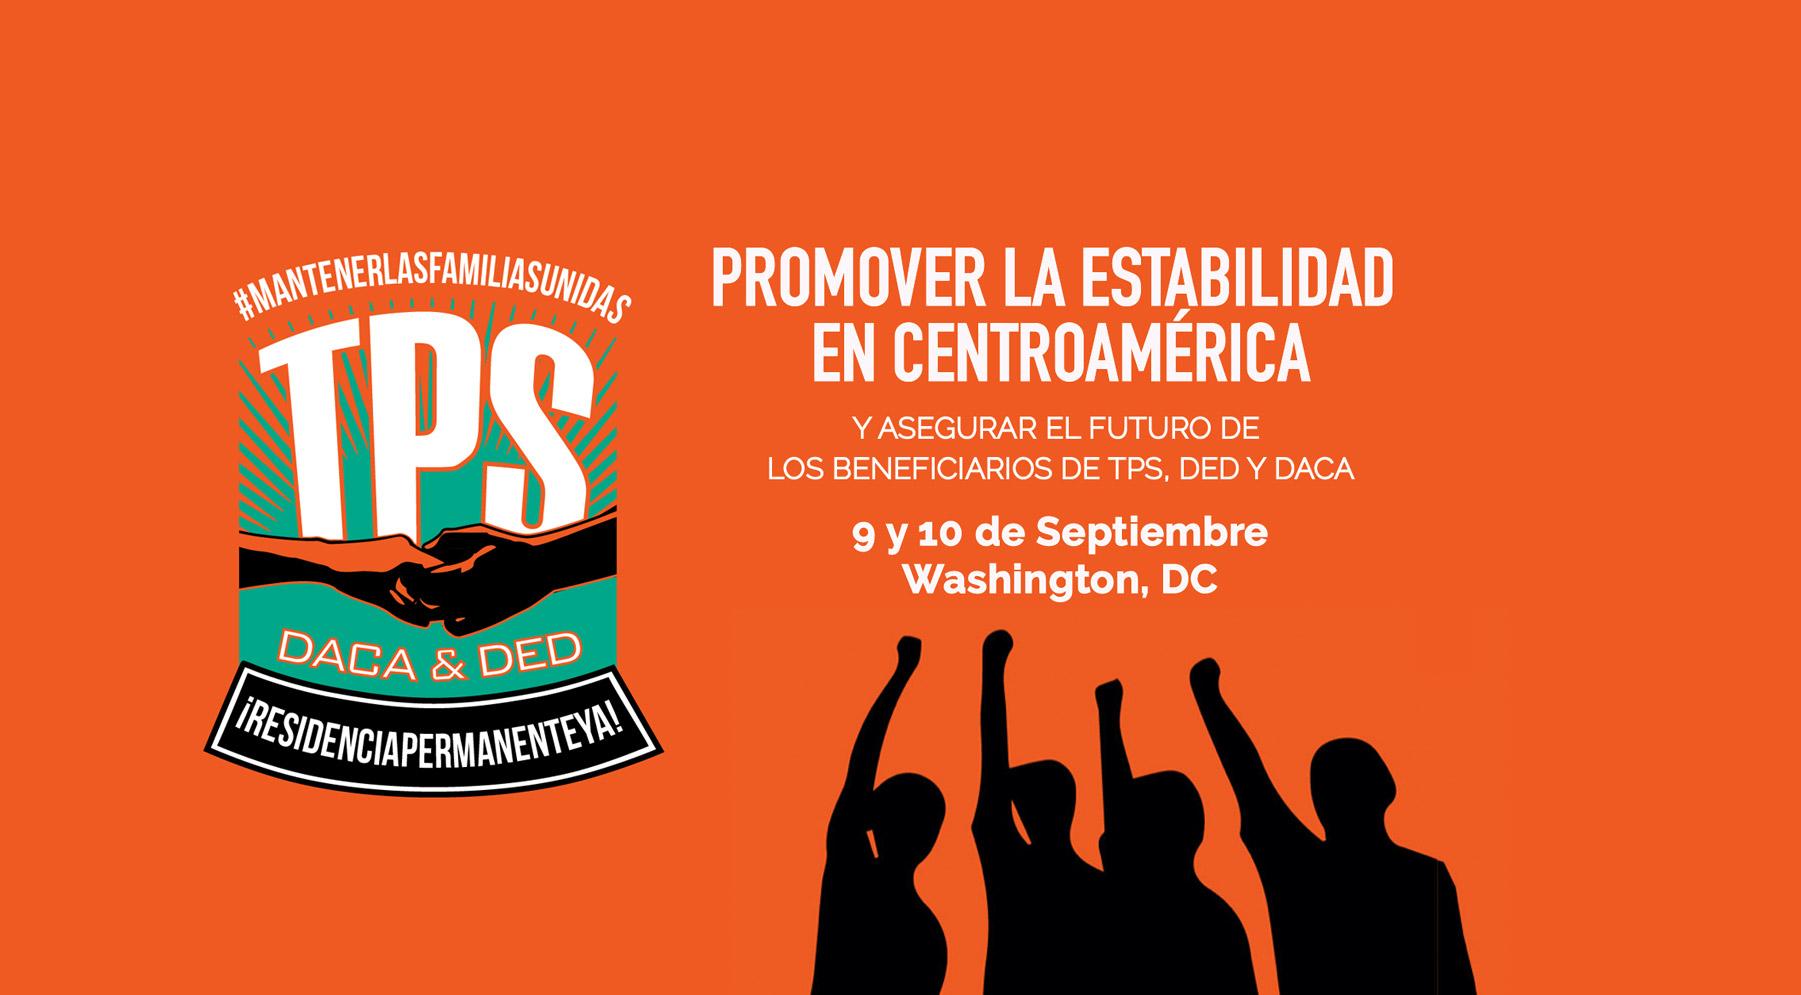 Promoviendo la Estabilidad en Centroamérica y Asegurando el Futuro de los Beneficiarios de TPS, DED y DACA